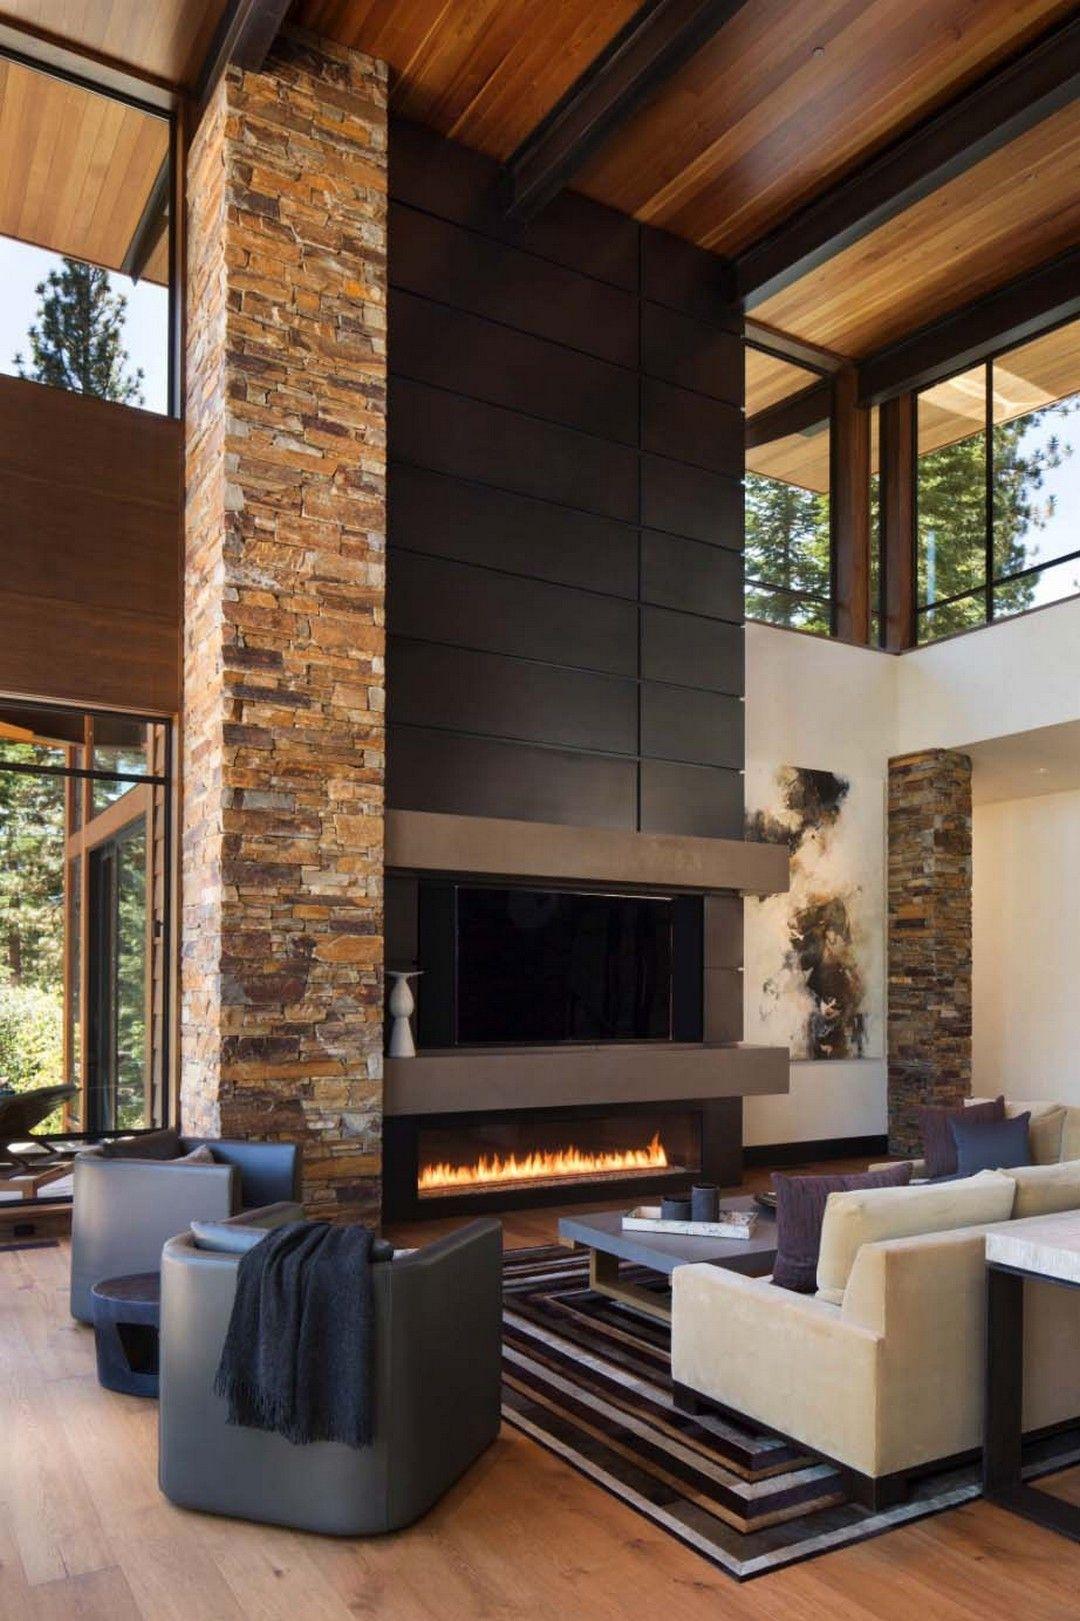 52 Modern Cozy Mountain Home Design Ideas | Farmhouse & Rustic Home ...